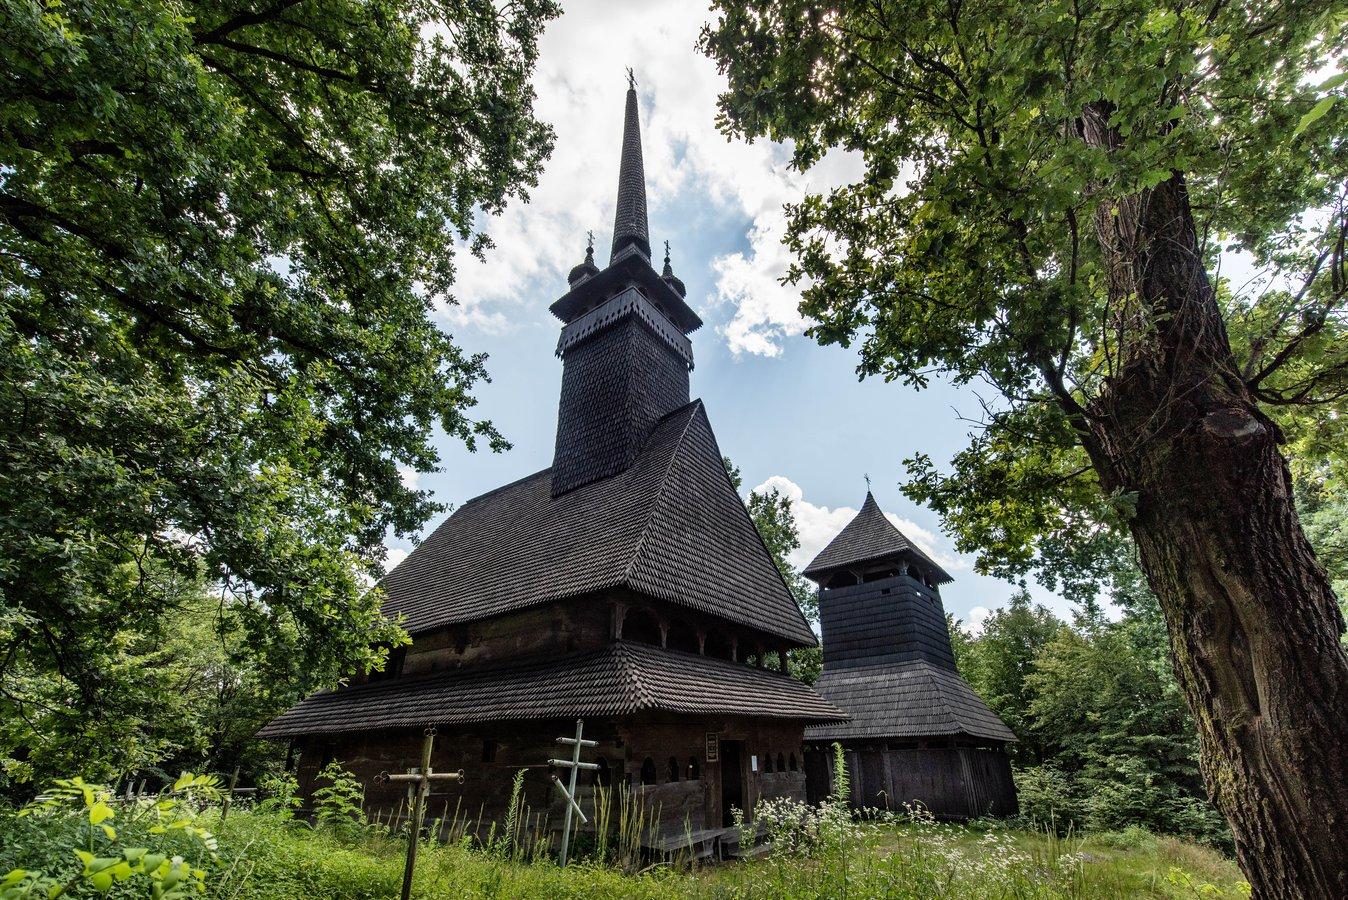 Храм у селі Данилово на Хустщині, збудований 1779 року, є яскравим взірцем так званої мармароської готики.jpg